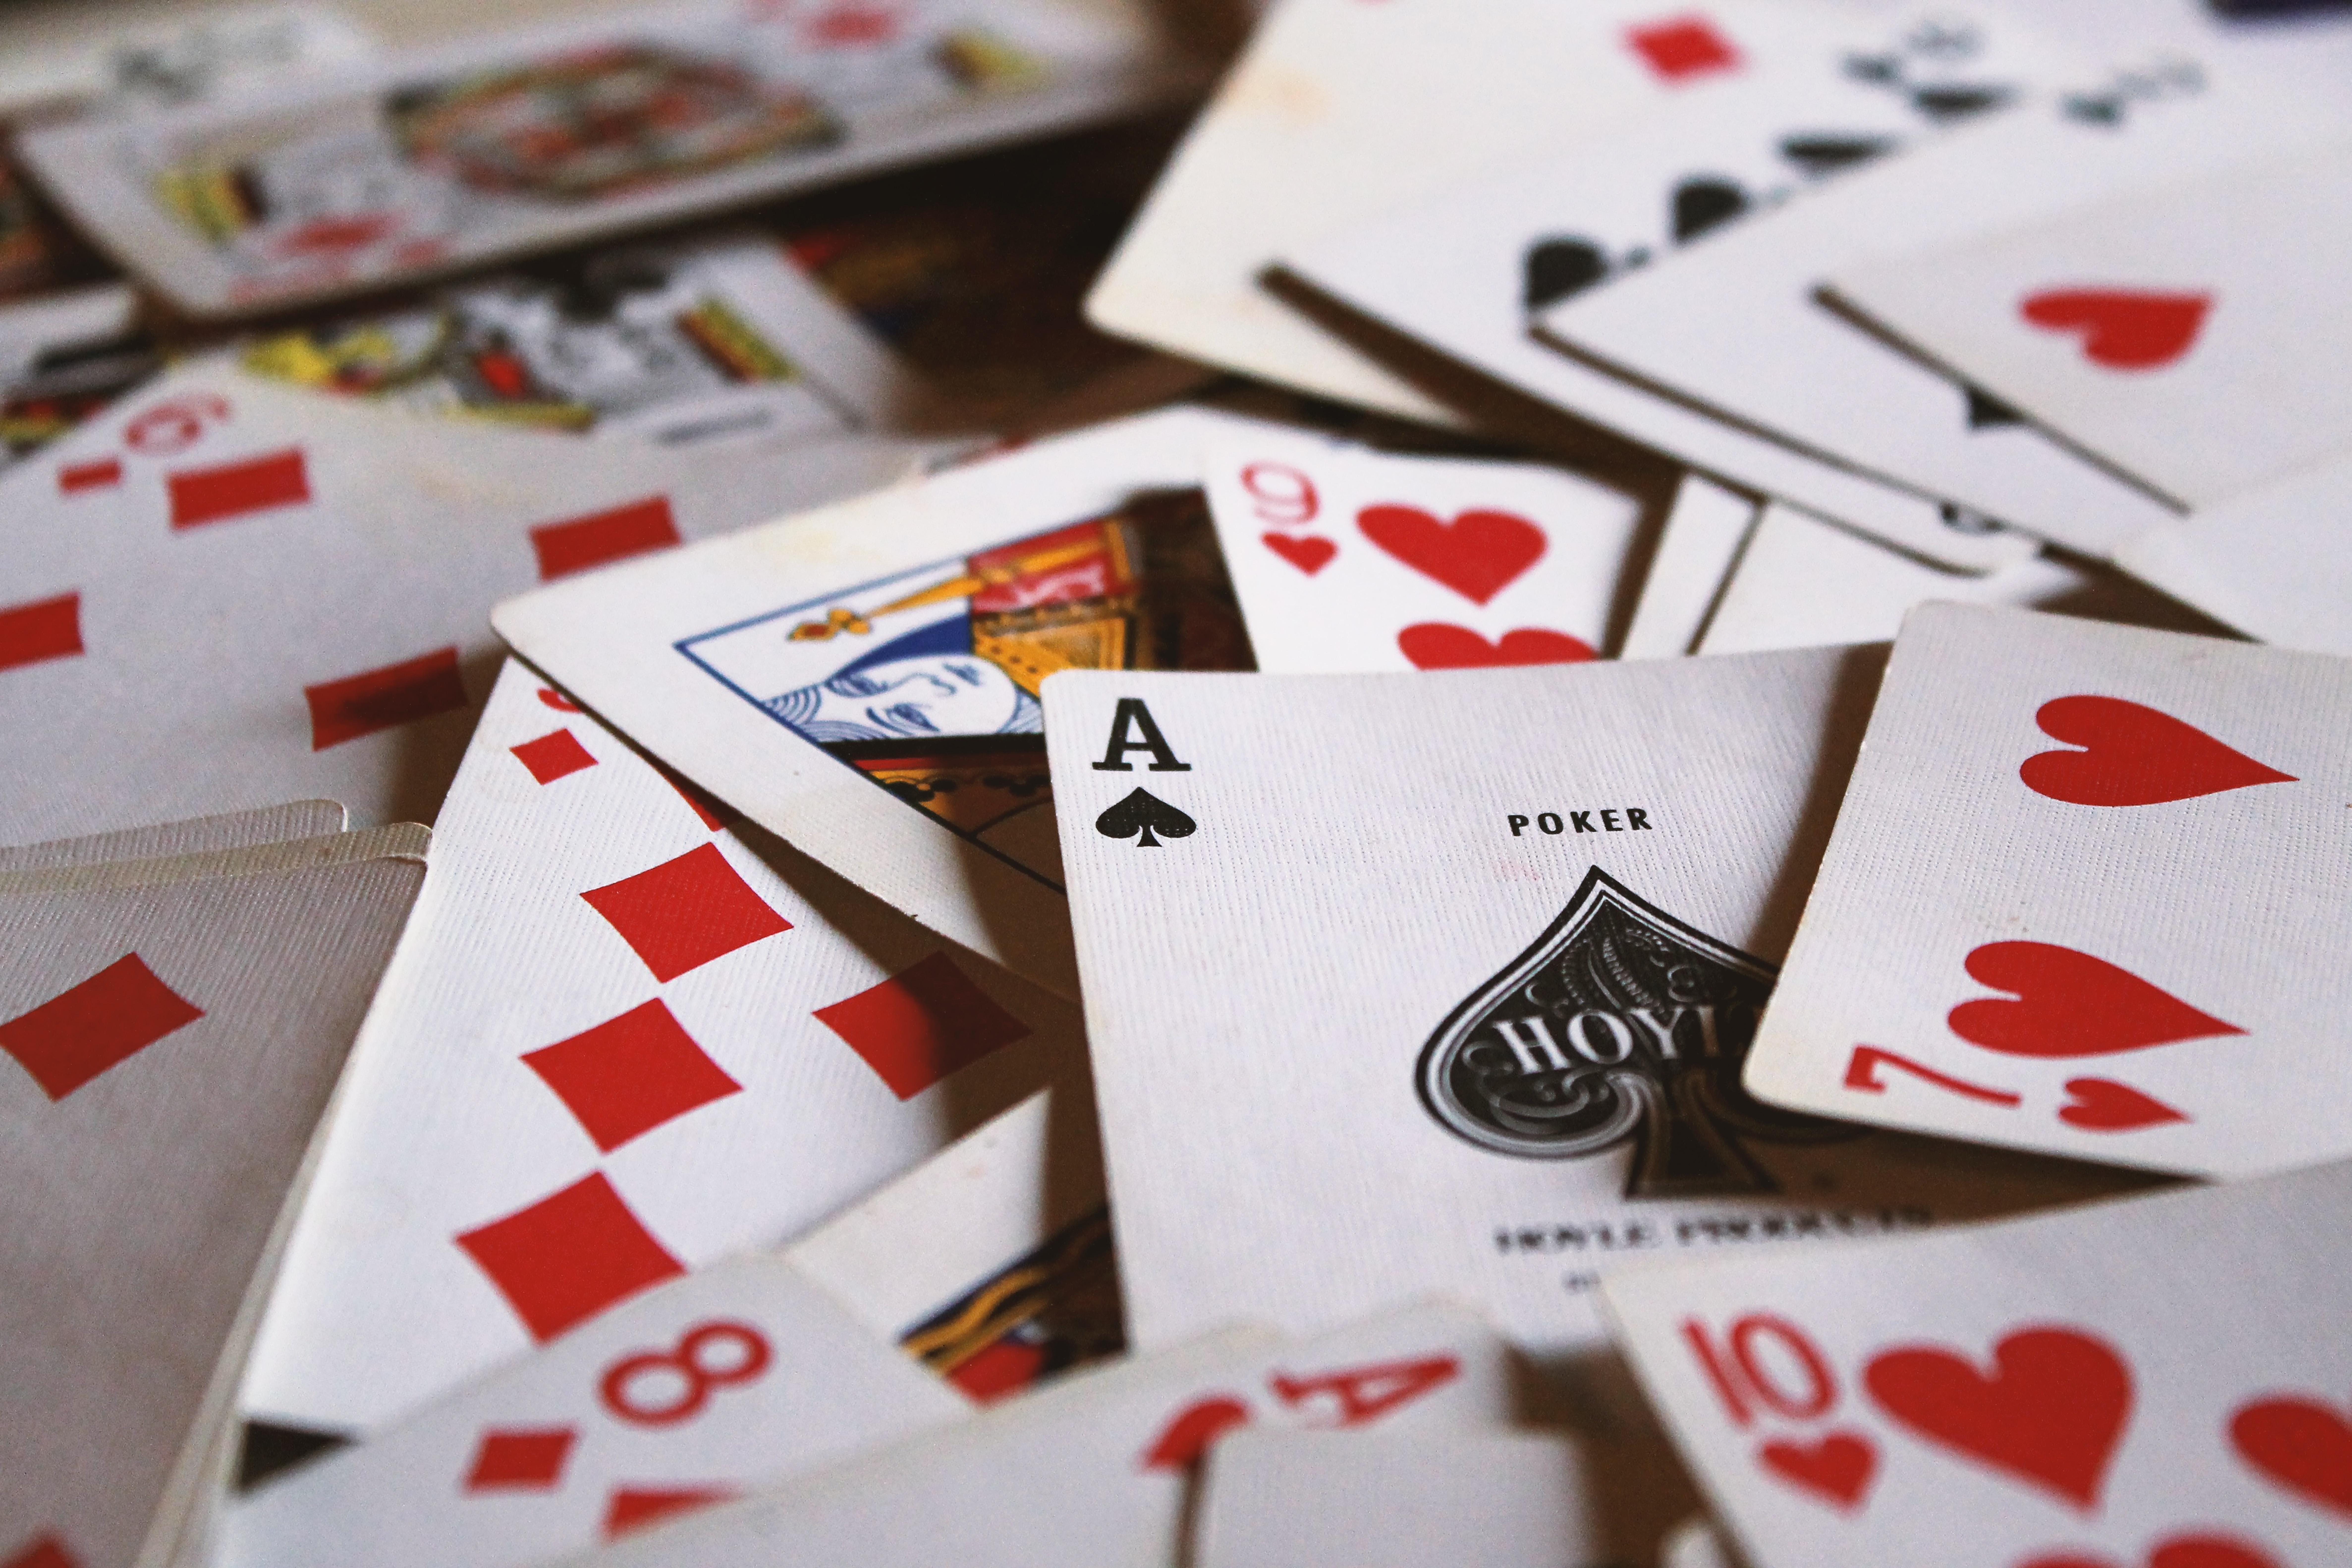 Spielkarten am Boden